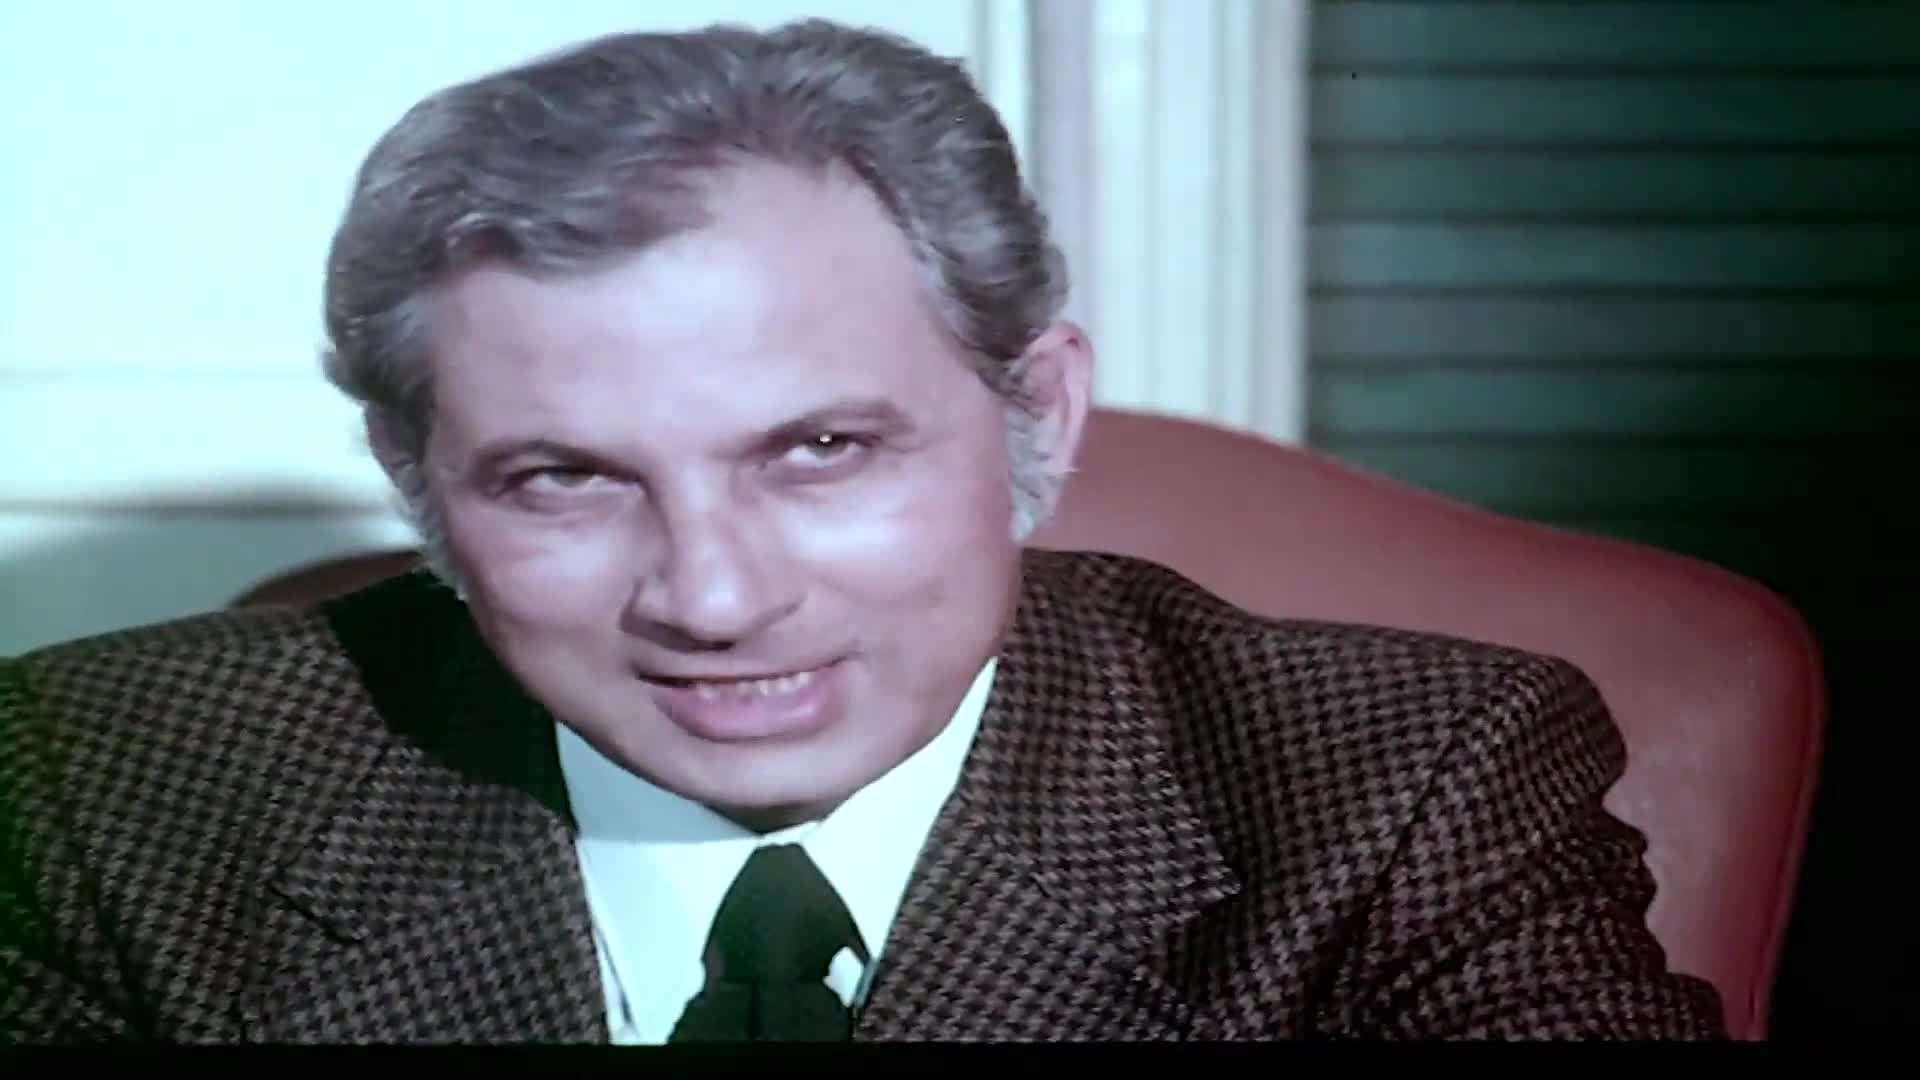 [فيلم][تورنت][تحميل][الجبان والحب][1975][1080p][Web-DL] 6 arabp2p.com